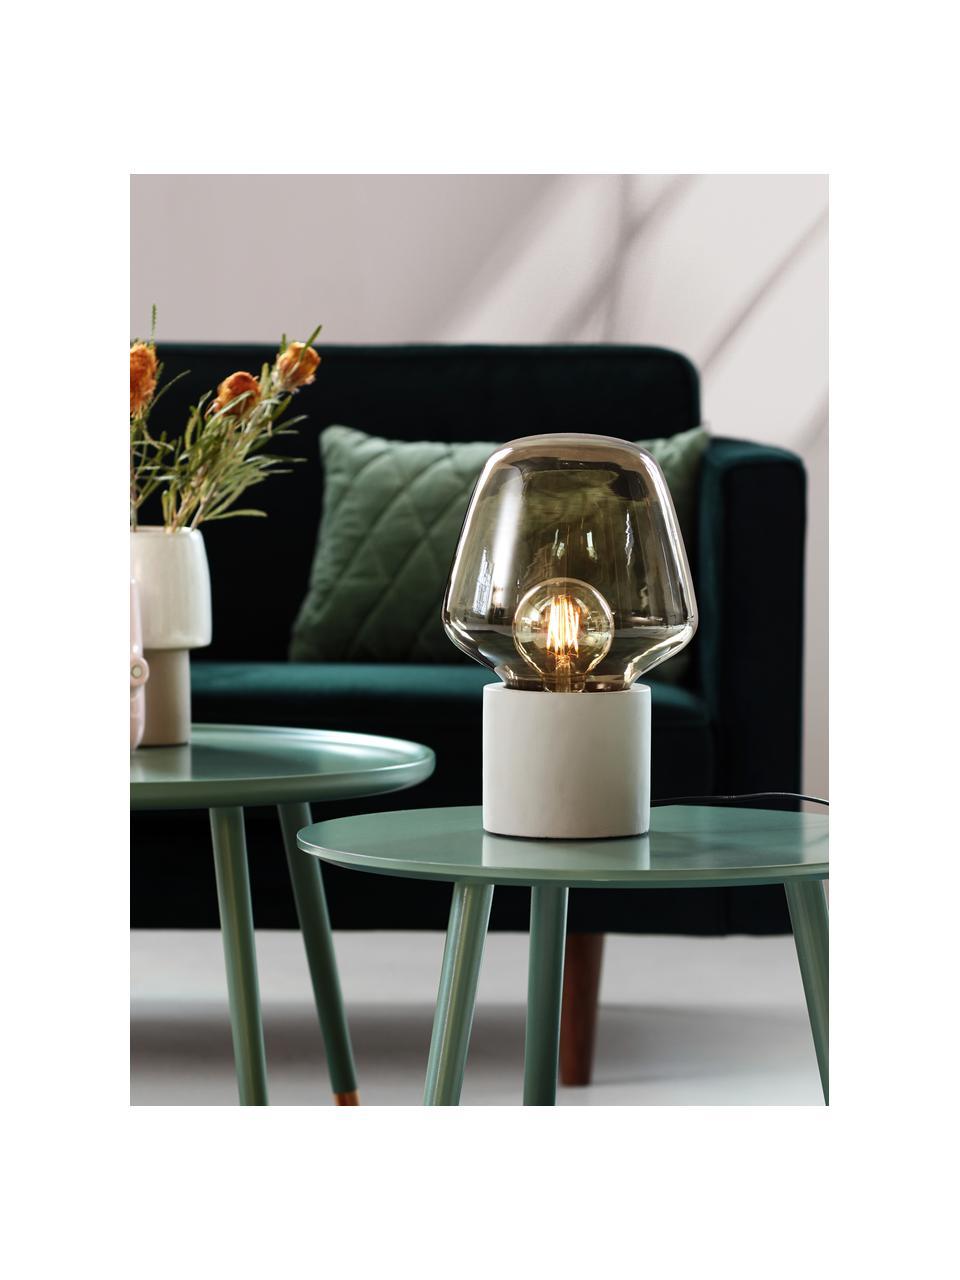 Lampada da tavolo con base in cemento Christina, Paralume: vetro, Base della lampada: cemento, Grigio cemento, grigio, trasparente, Ø 20 x Alt. 30 cm